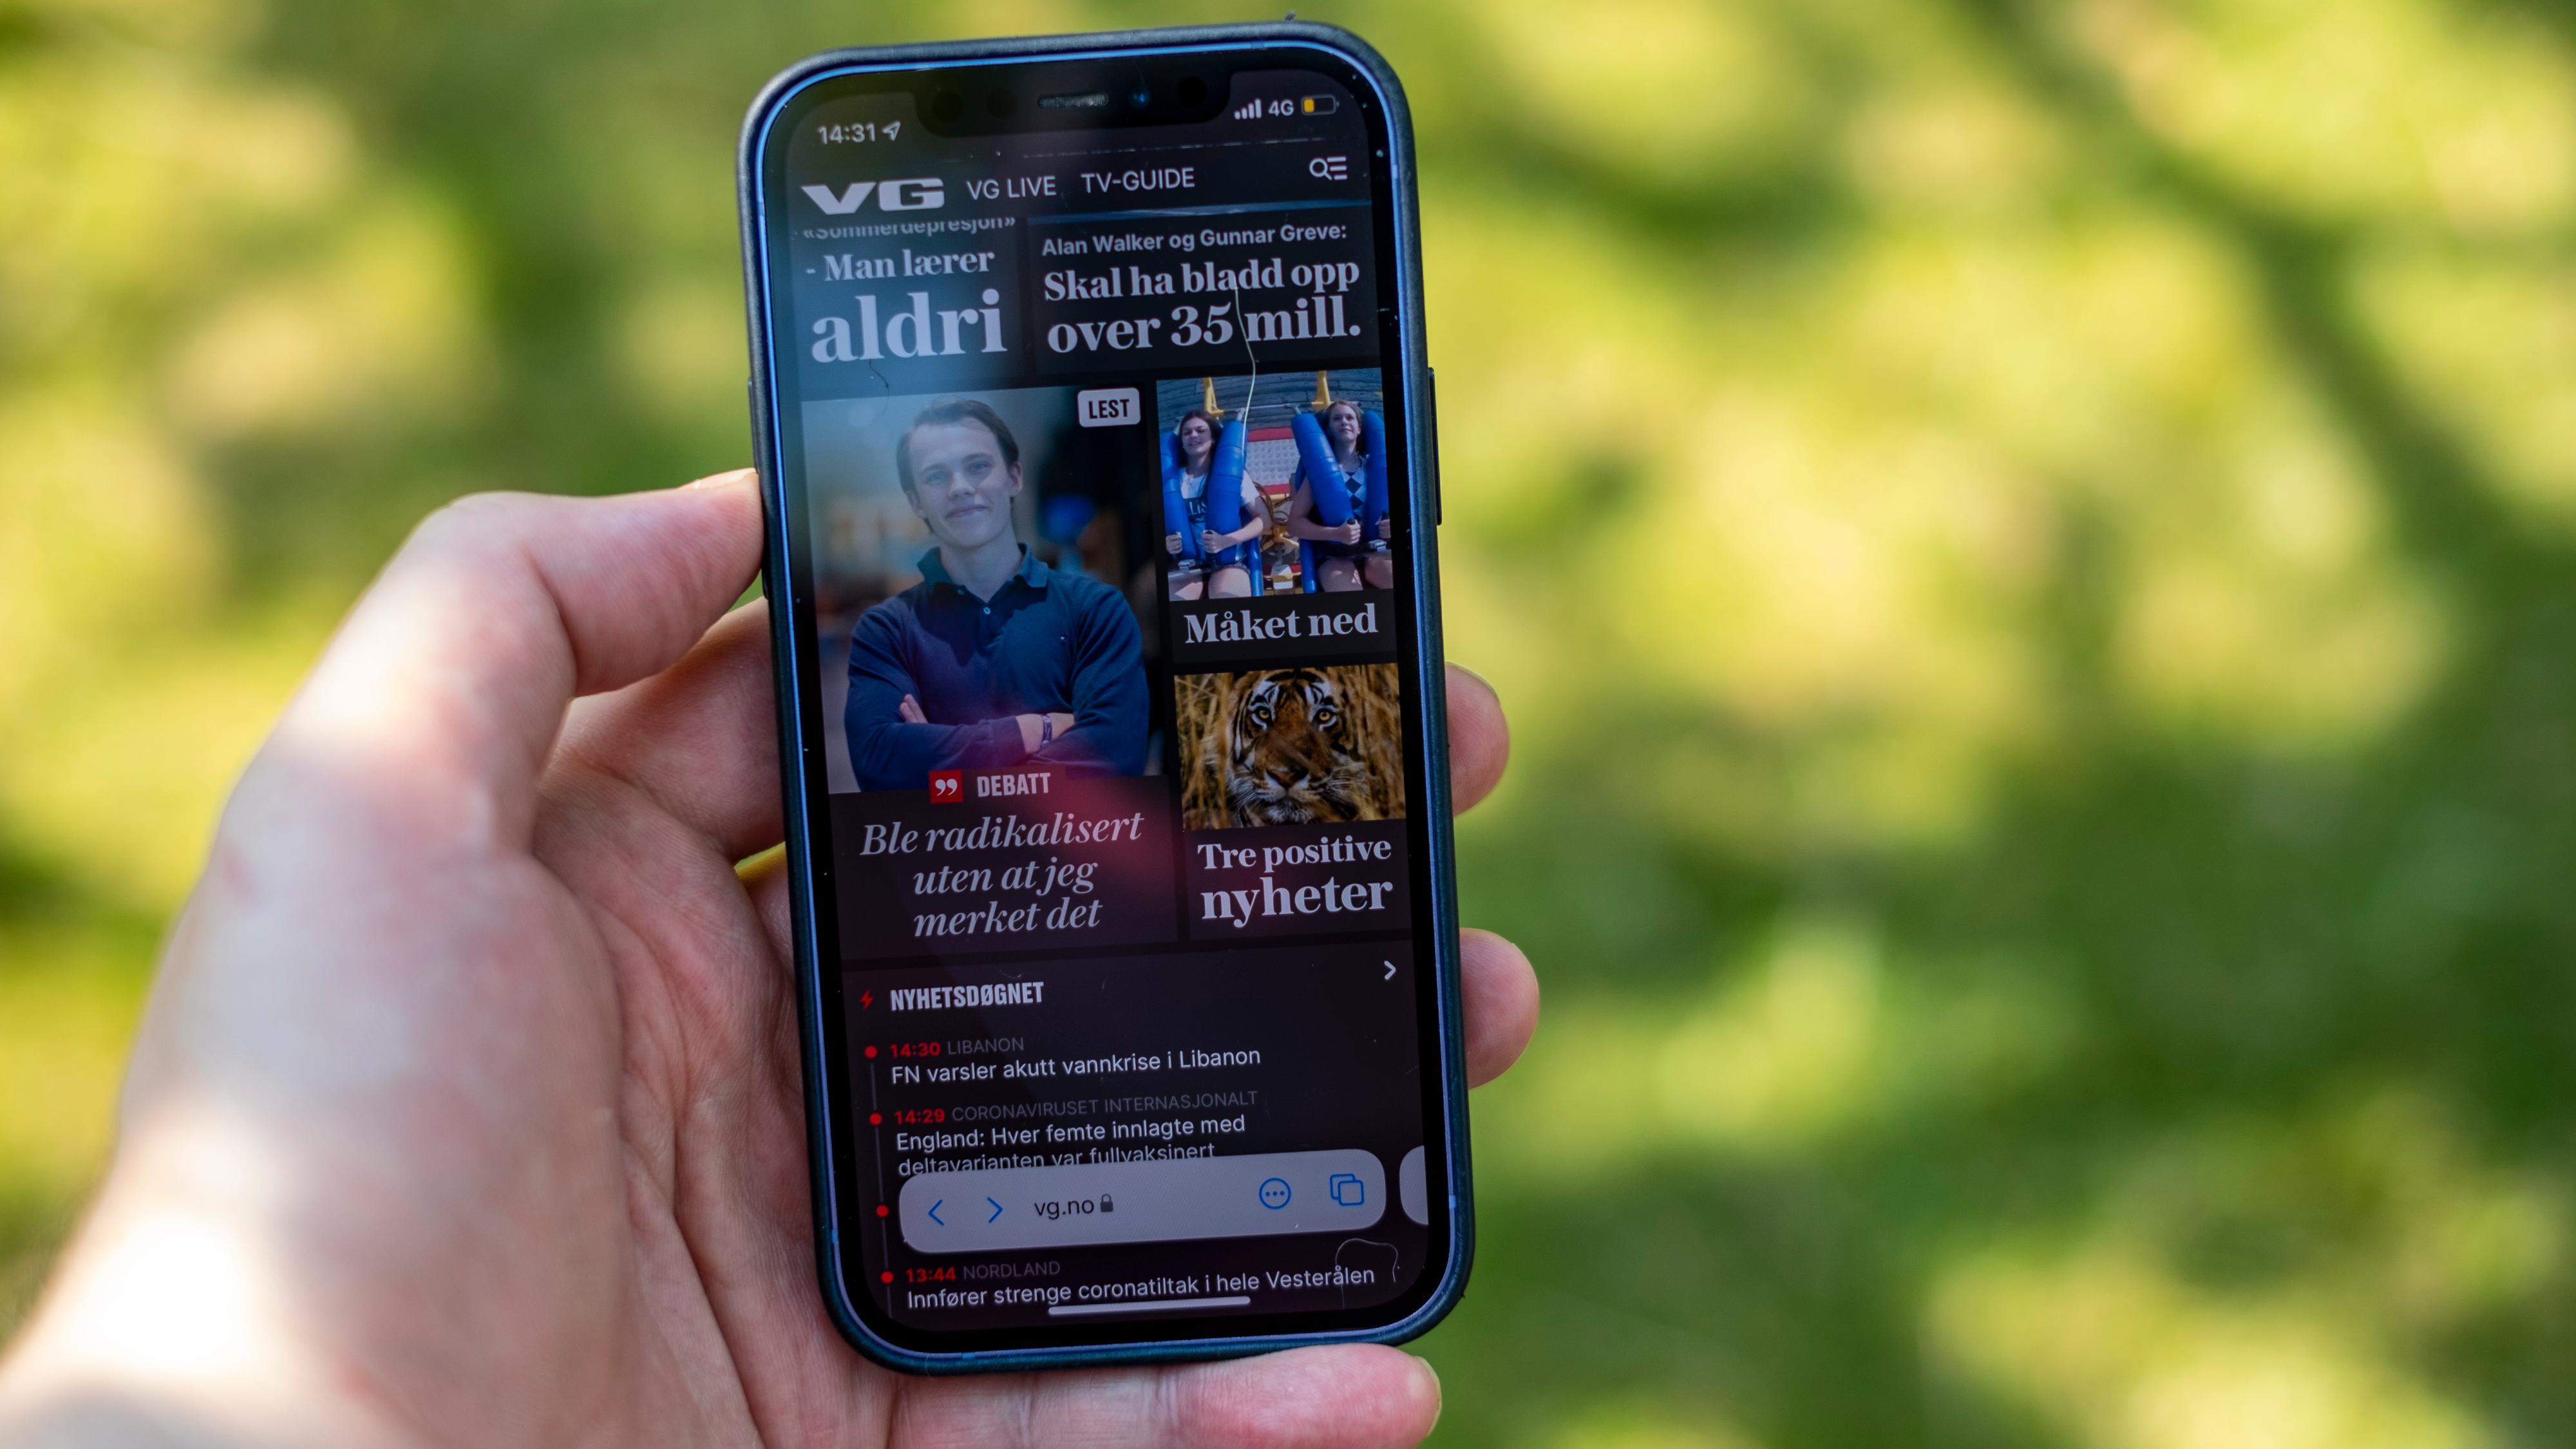 Adresselinjen i Safari ligger nå nederst på telefonen. Underlig nok er funksjonen som lar deg trykke øverst på skjermen for å komme til topps ikke flyttet noe sted og innebærer fortsatt to hender eller veldig lang tommel.